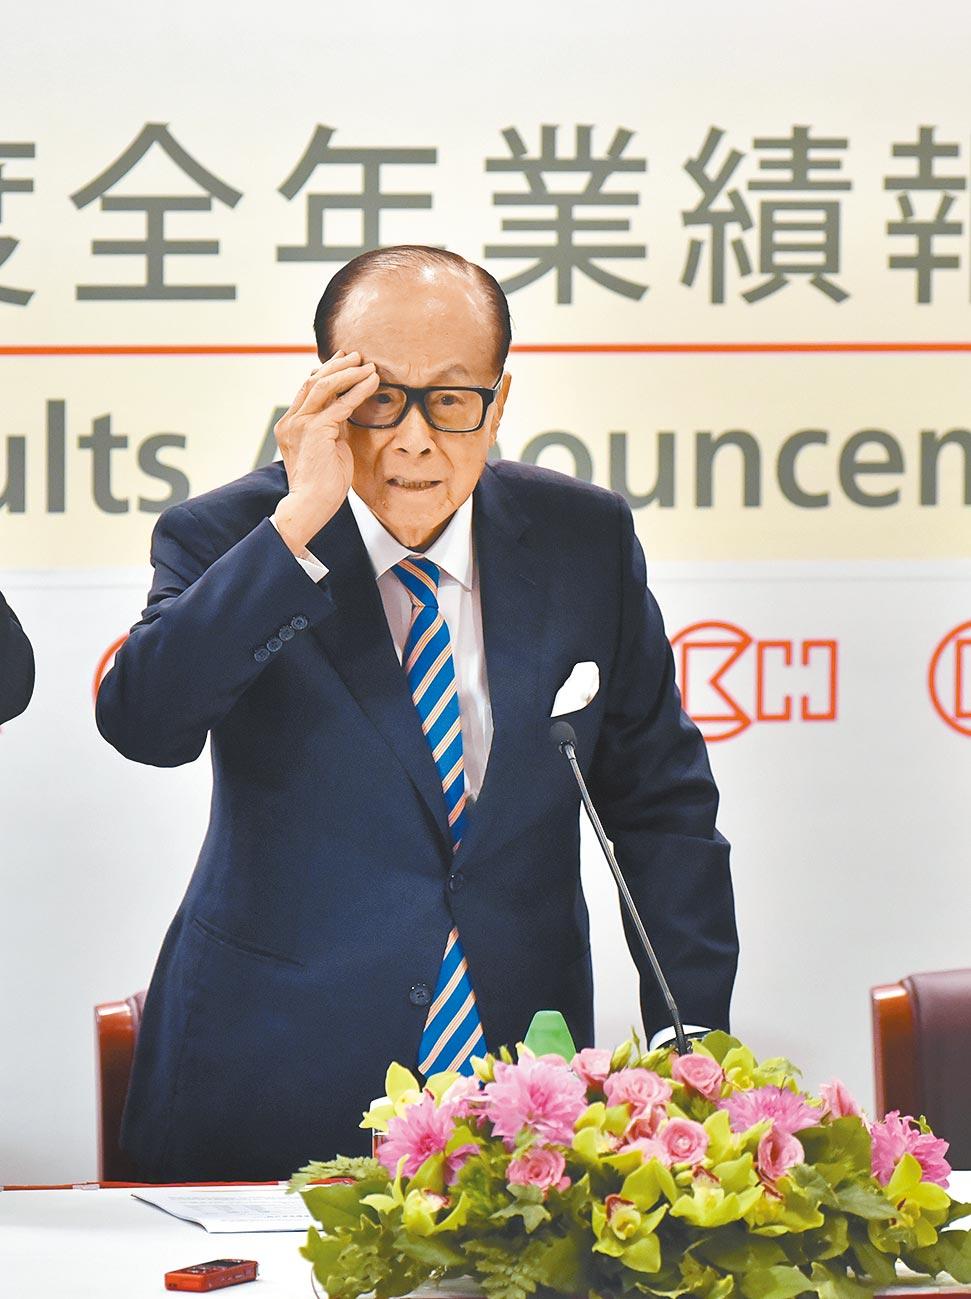 李嘉诚跌下香港首富的位子。(新华社资料照片)